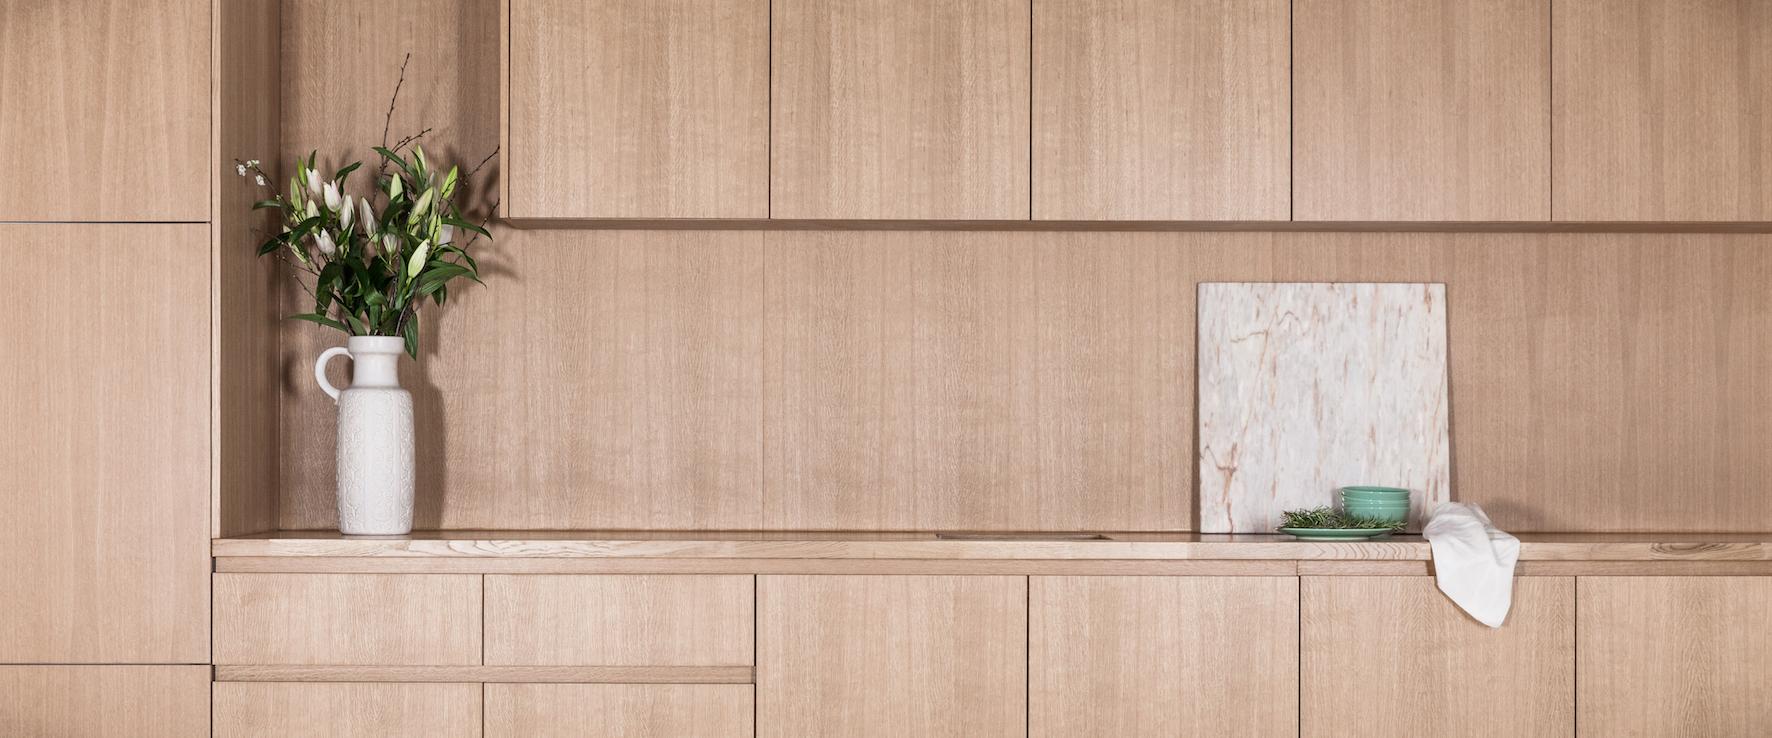 #Meubelmaker  #Eindhoven  #meubelmakerij #interieuropmaat #DutchDesignWeek #meubelsopmaat #Handgemaakt #Houtentafelopmaat #tafelopmaat #Eikentafel ##kastopmaat #dressoiropmaat #bureauopmaat #industrieelbureau #bureauvanstaal #amsterdam